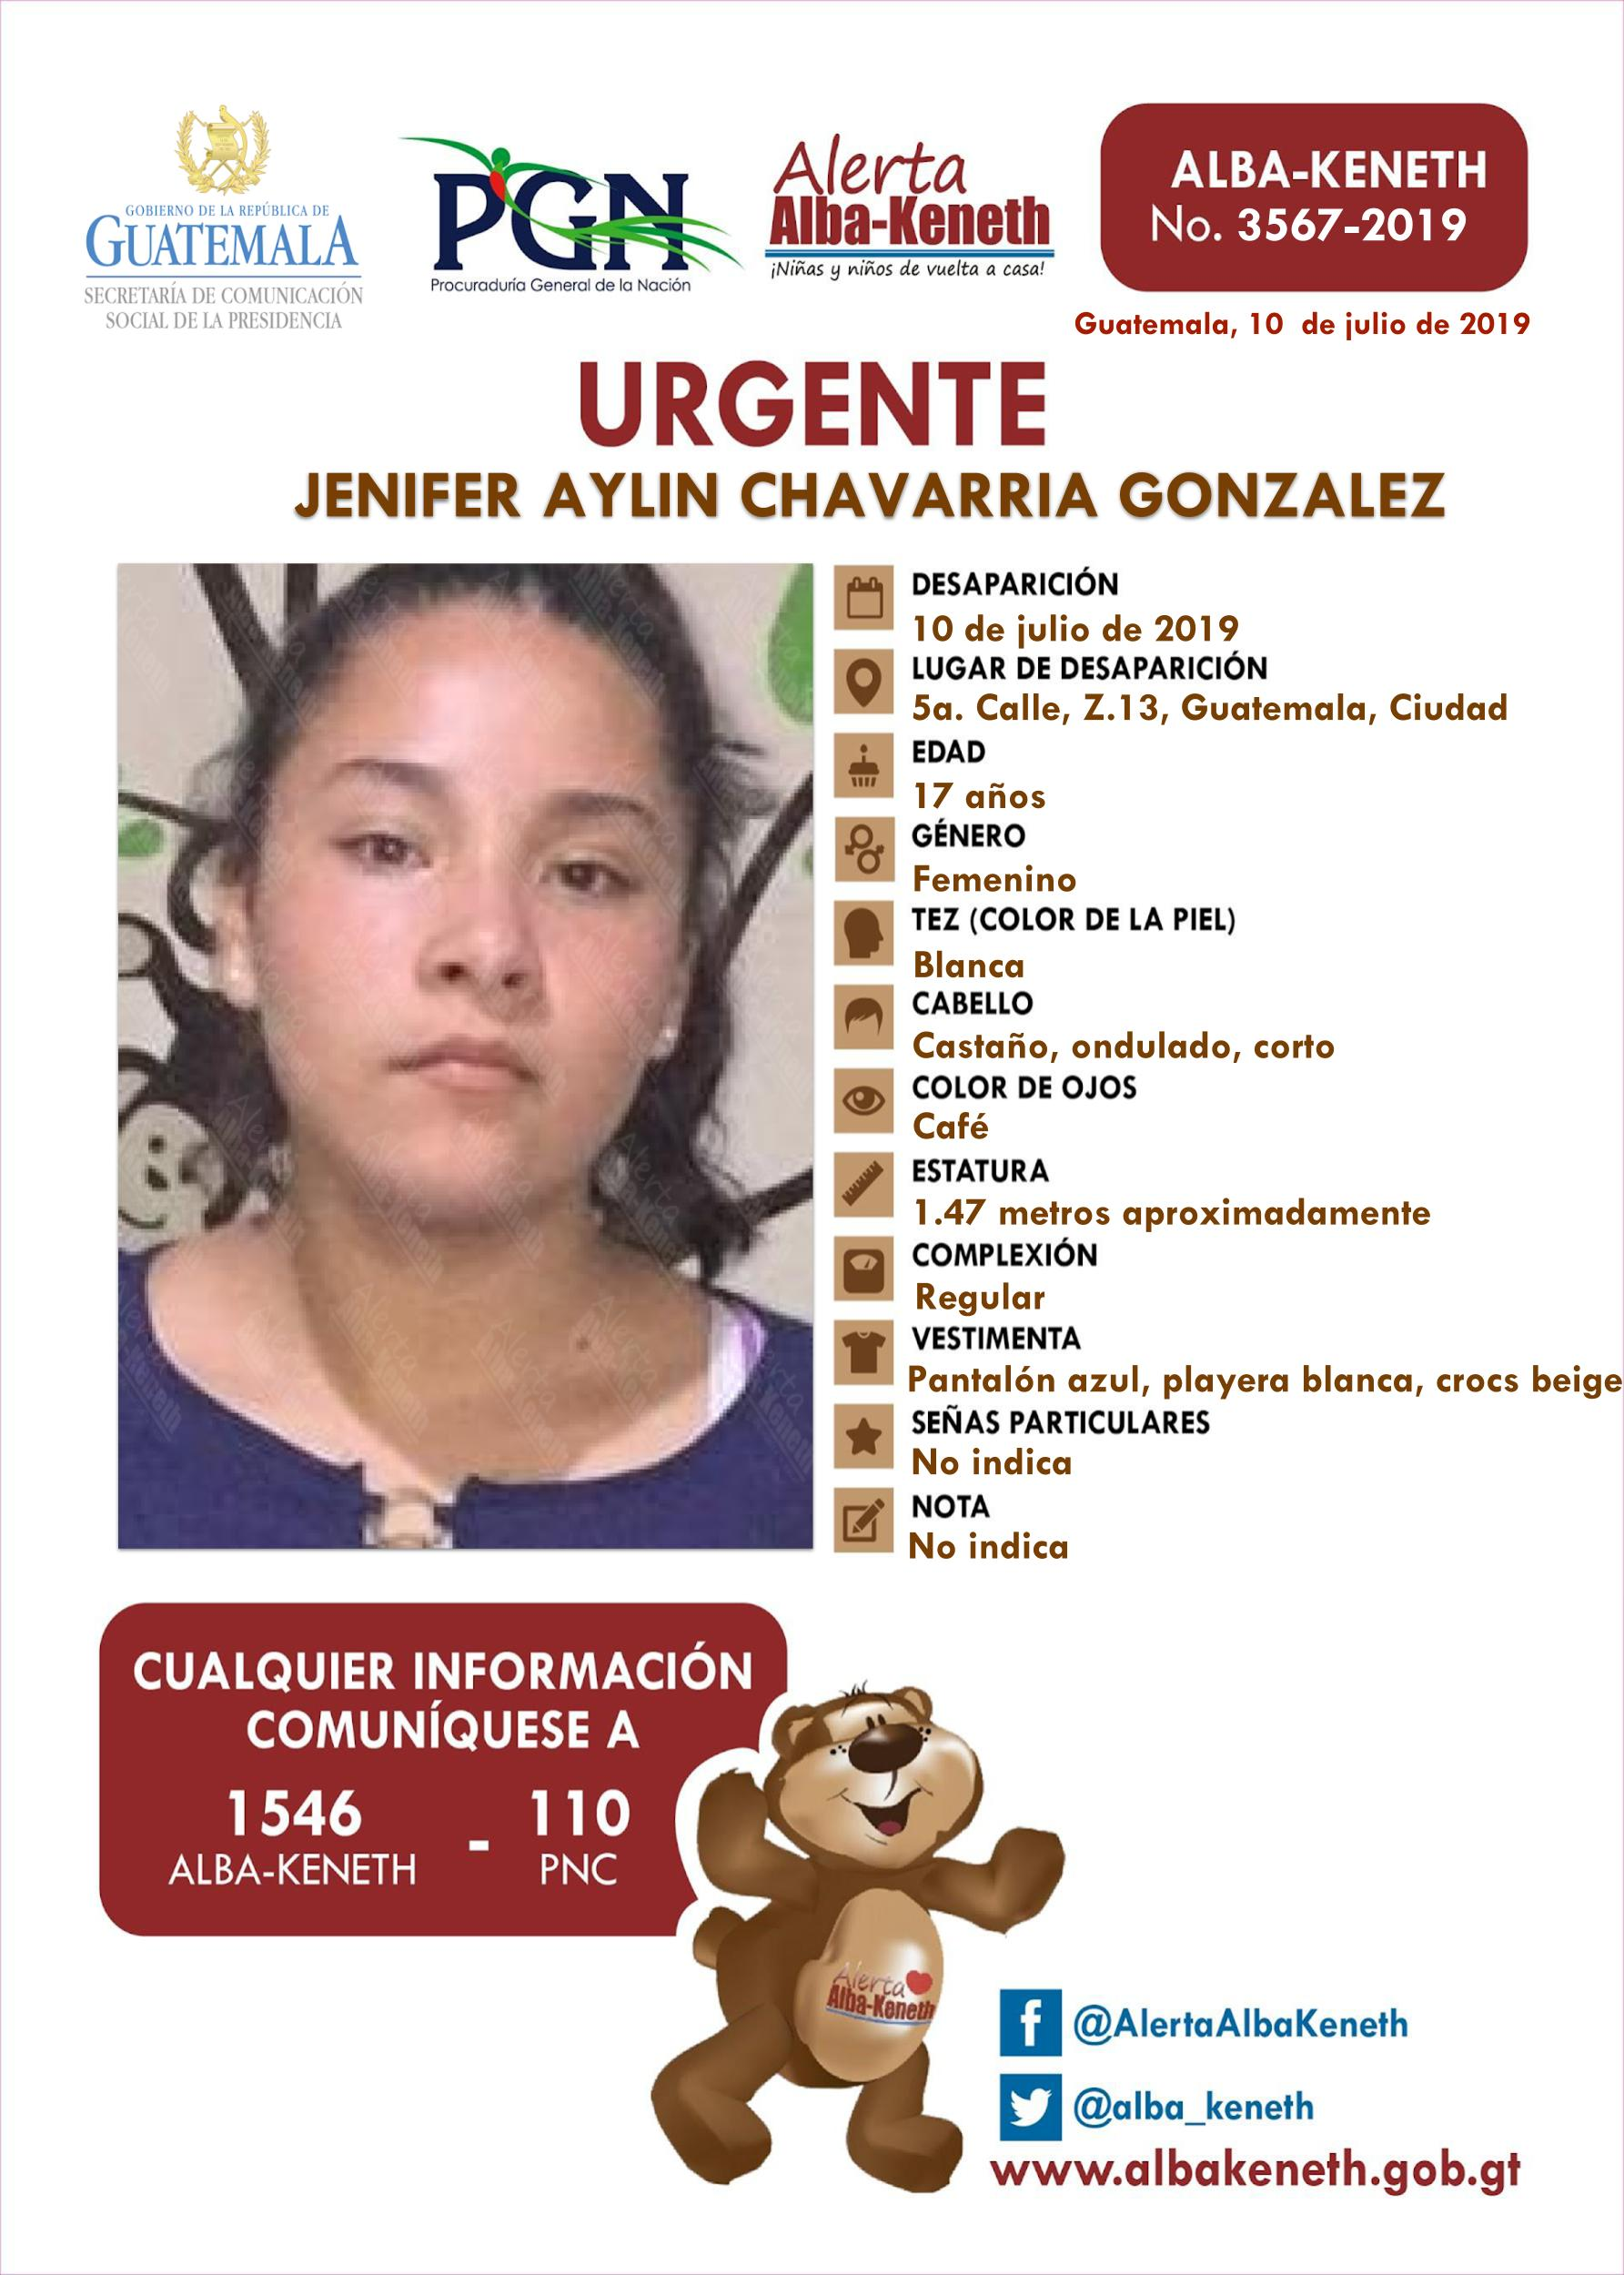 Jenifer Aylin Chavarria Gonzalez